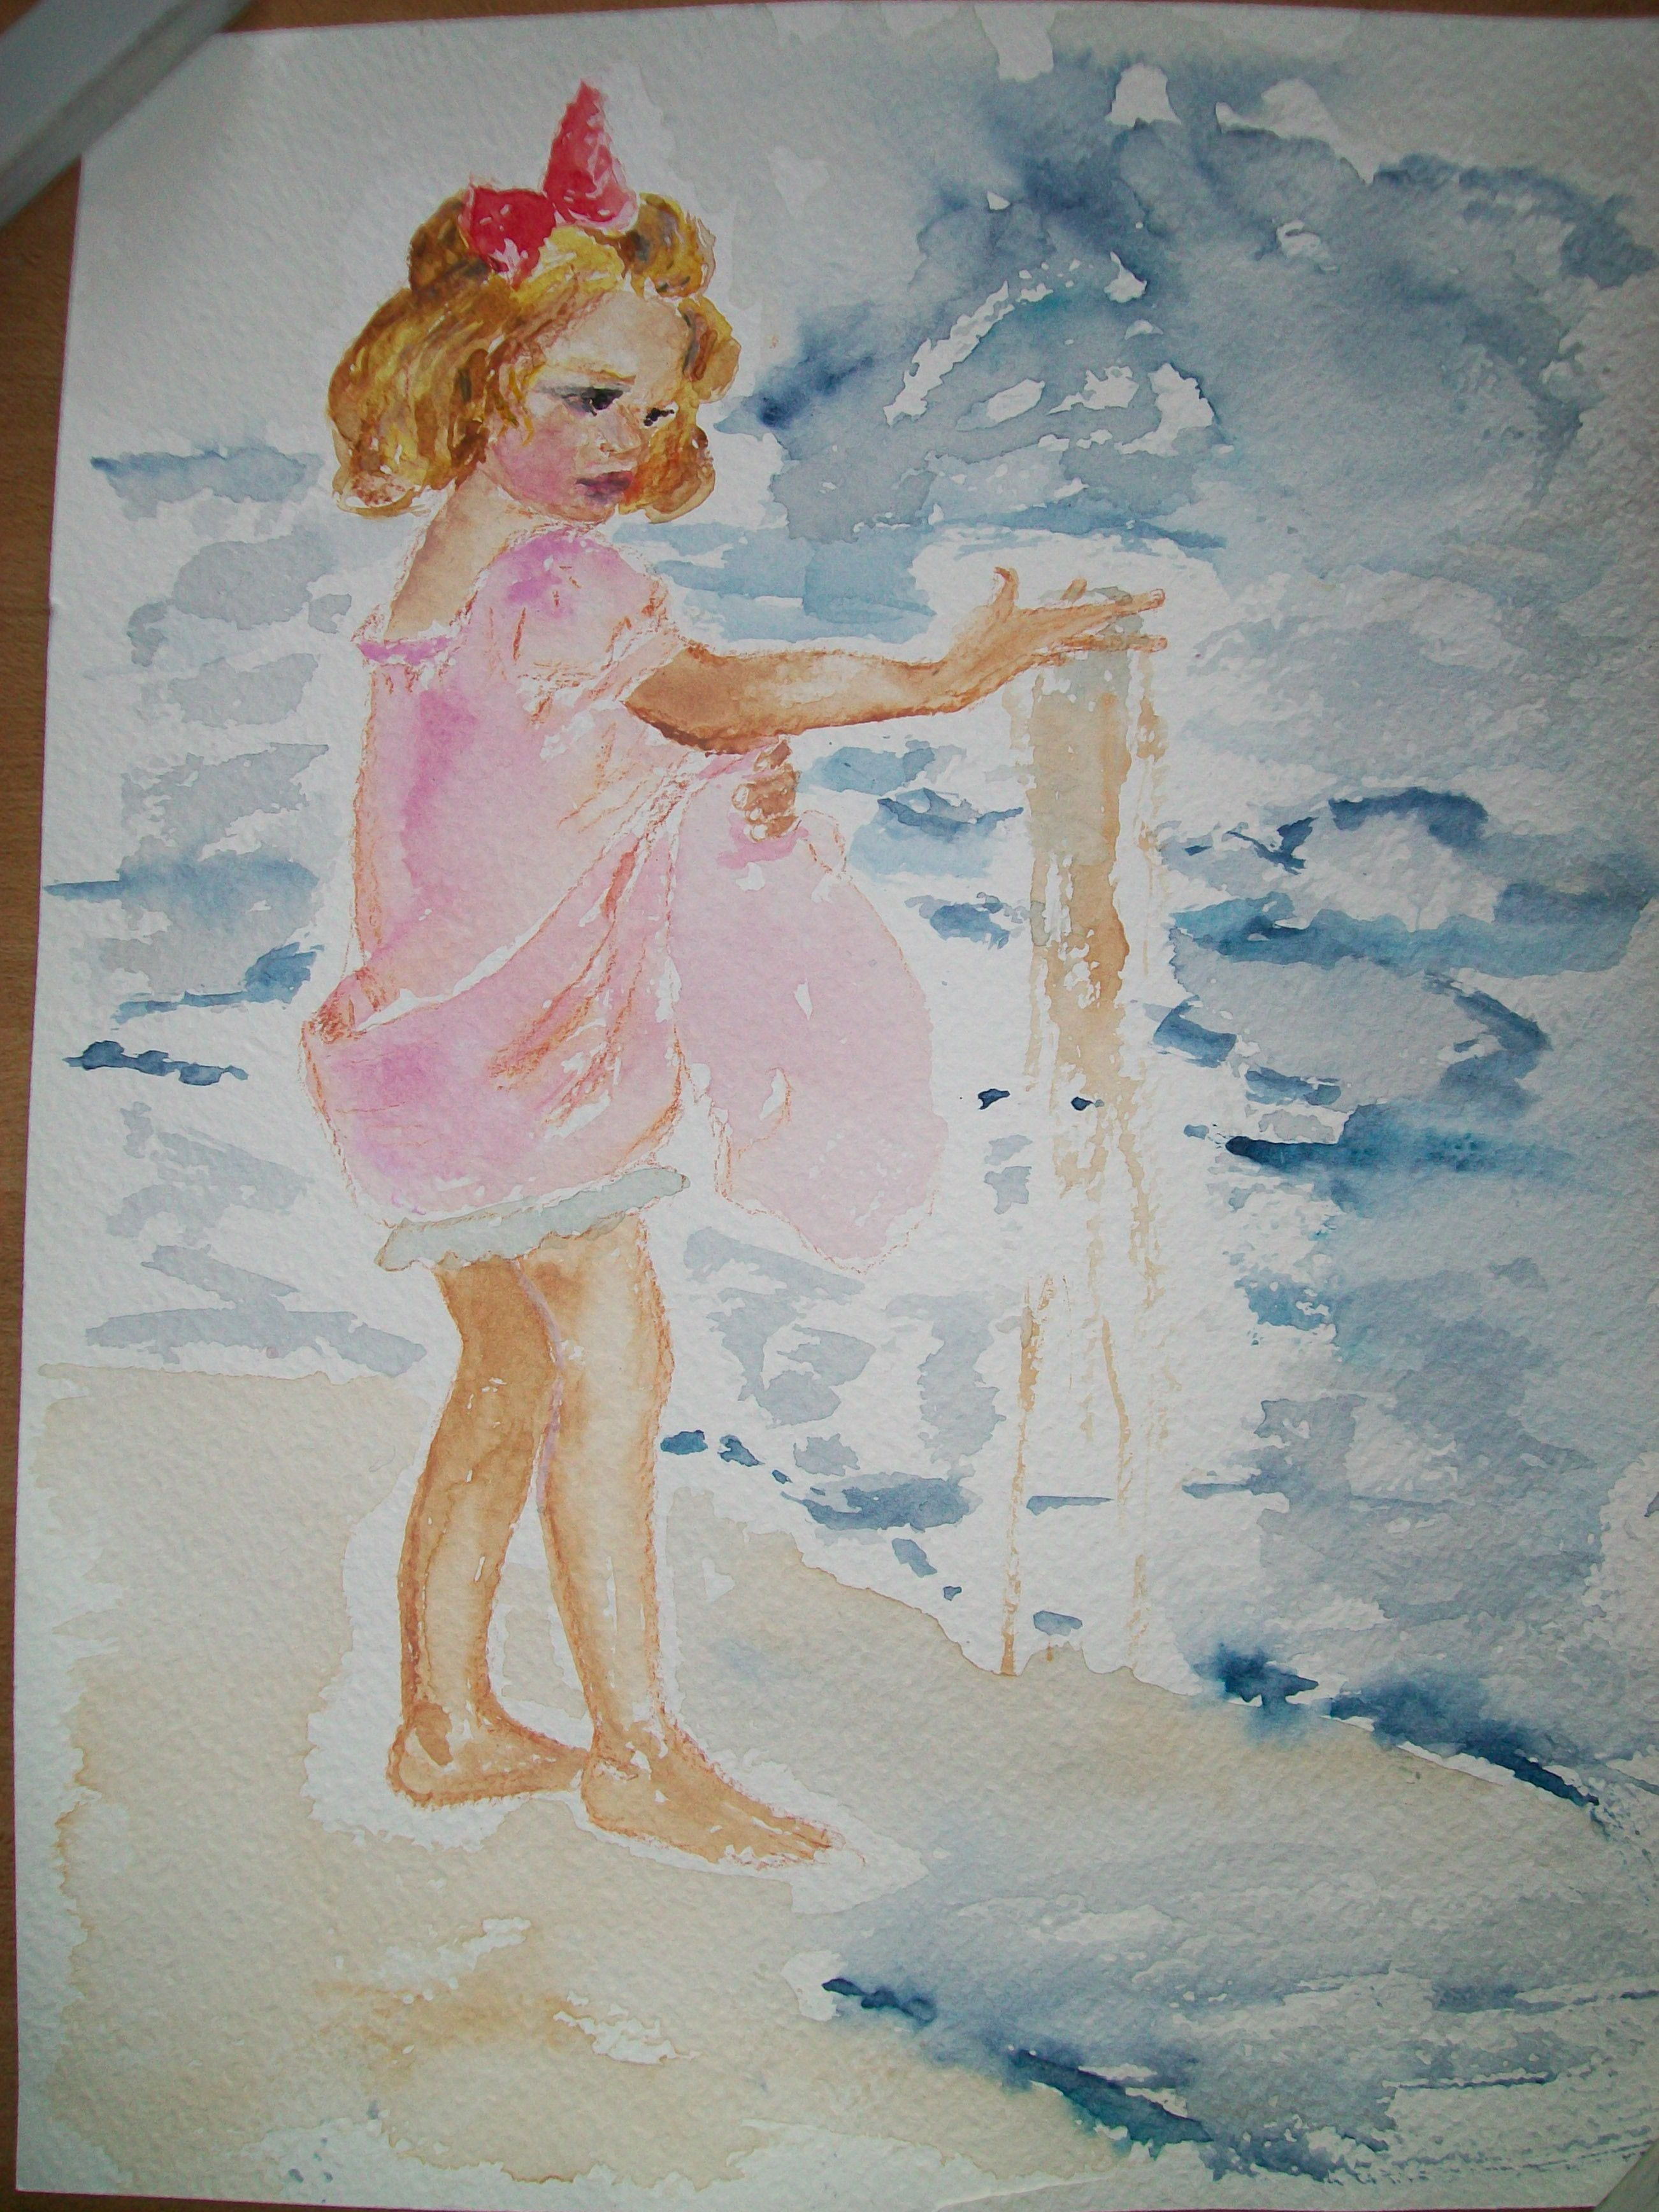 Copia in acquerello della bambina con la sabbia di JWS Acquerello